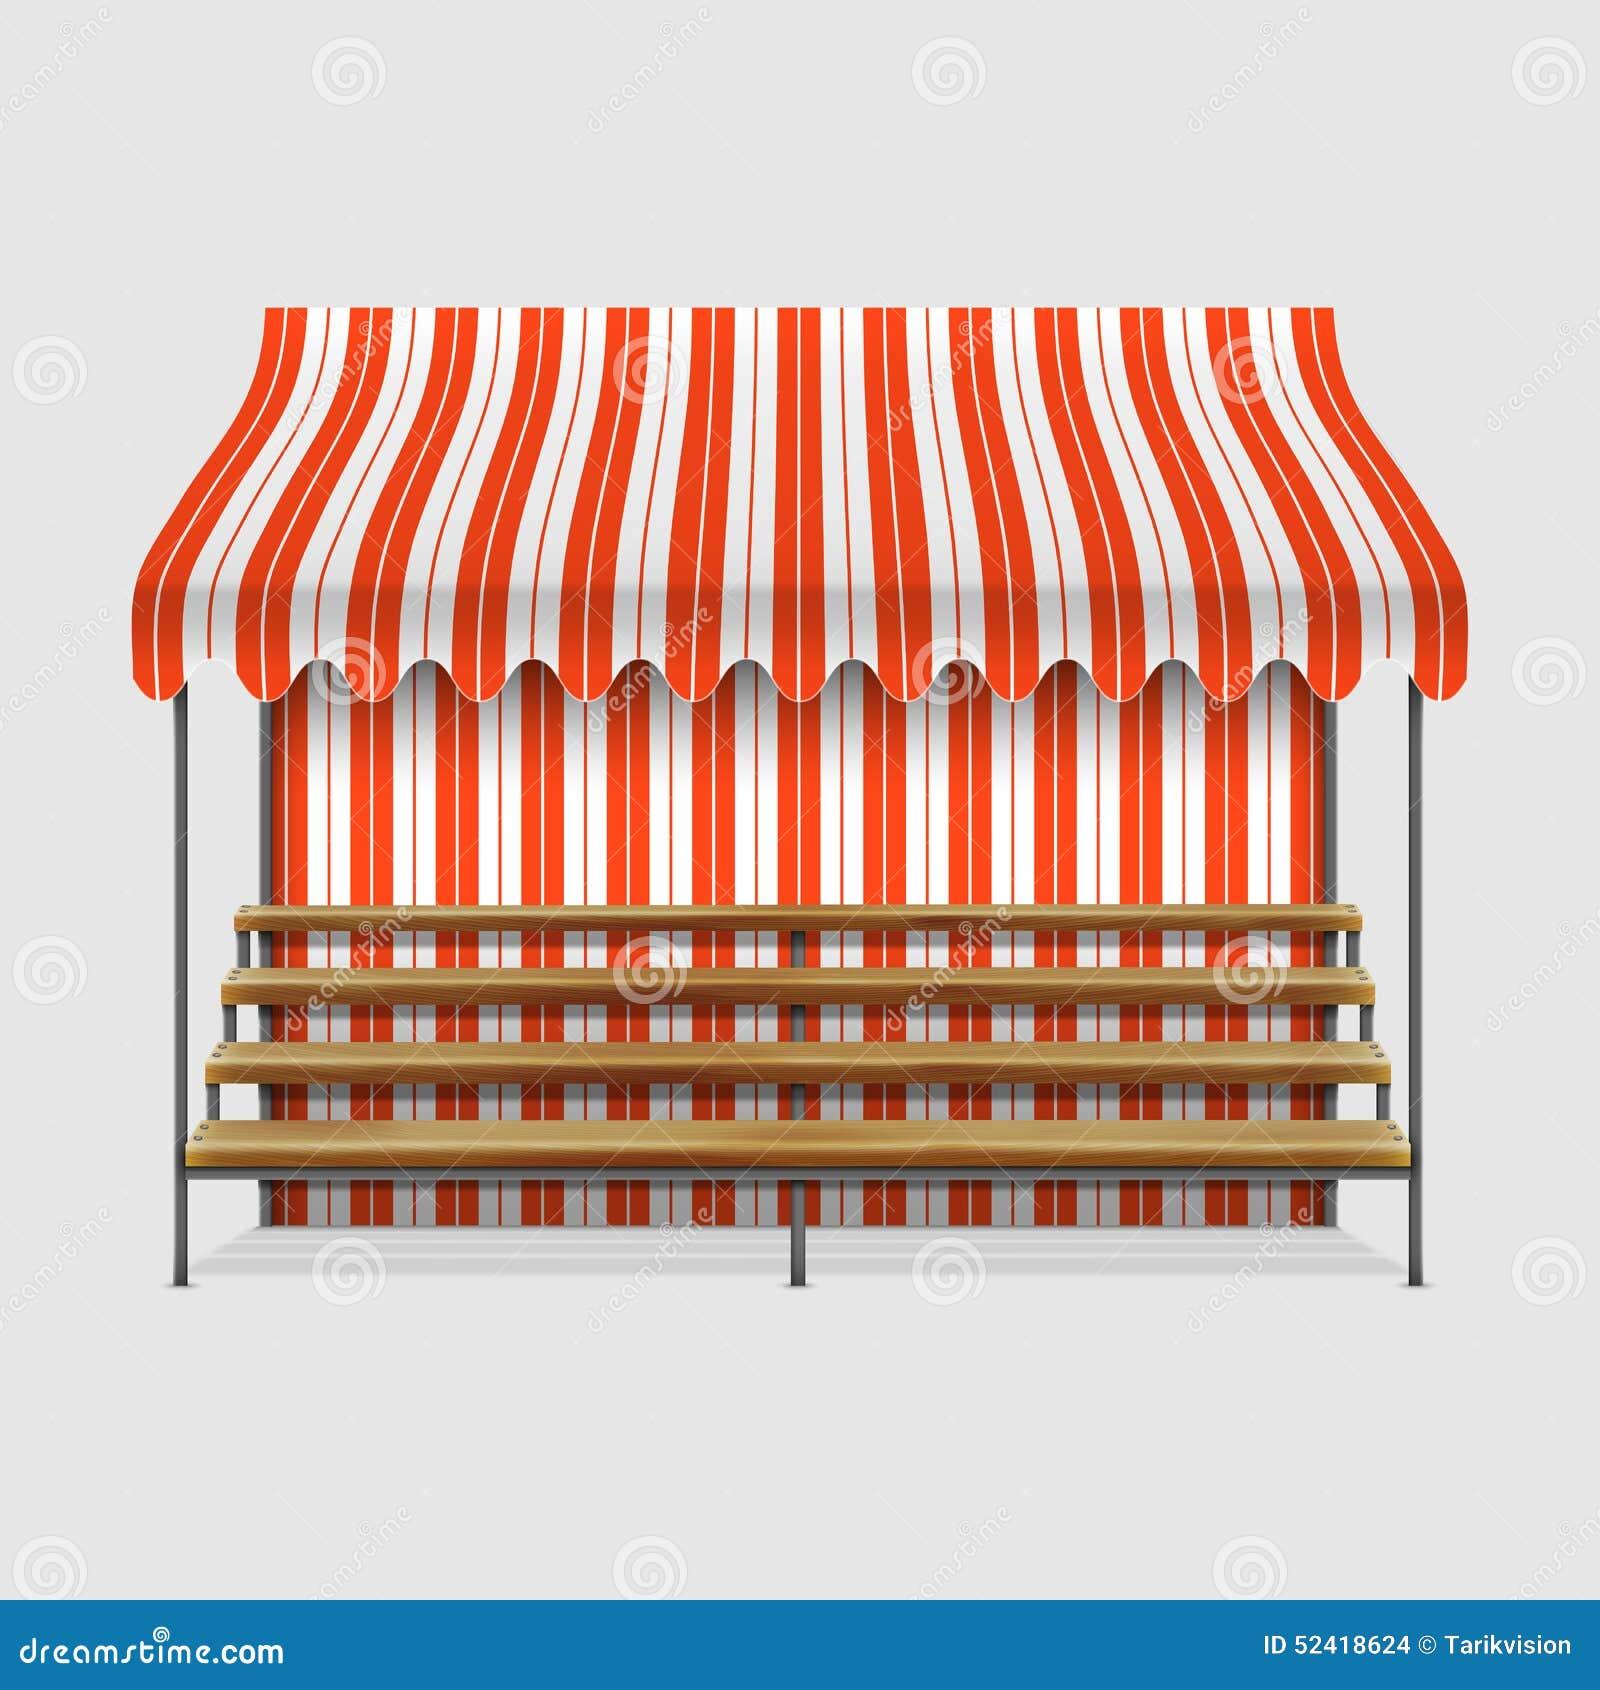 imagens similares de ` Tenda do mercado com prateleiras de madeira #BD310E 1300x1390